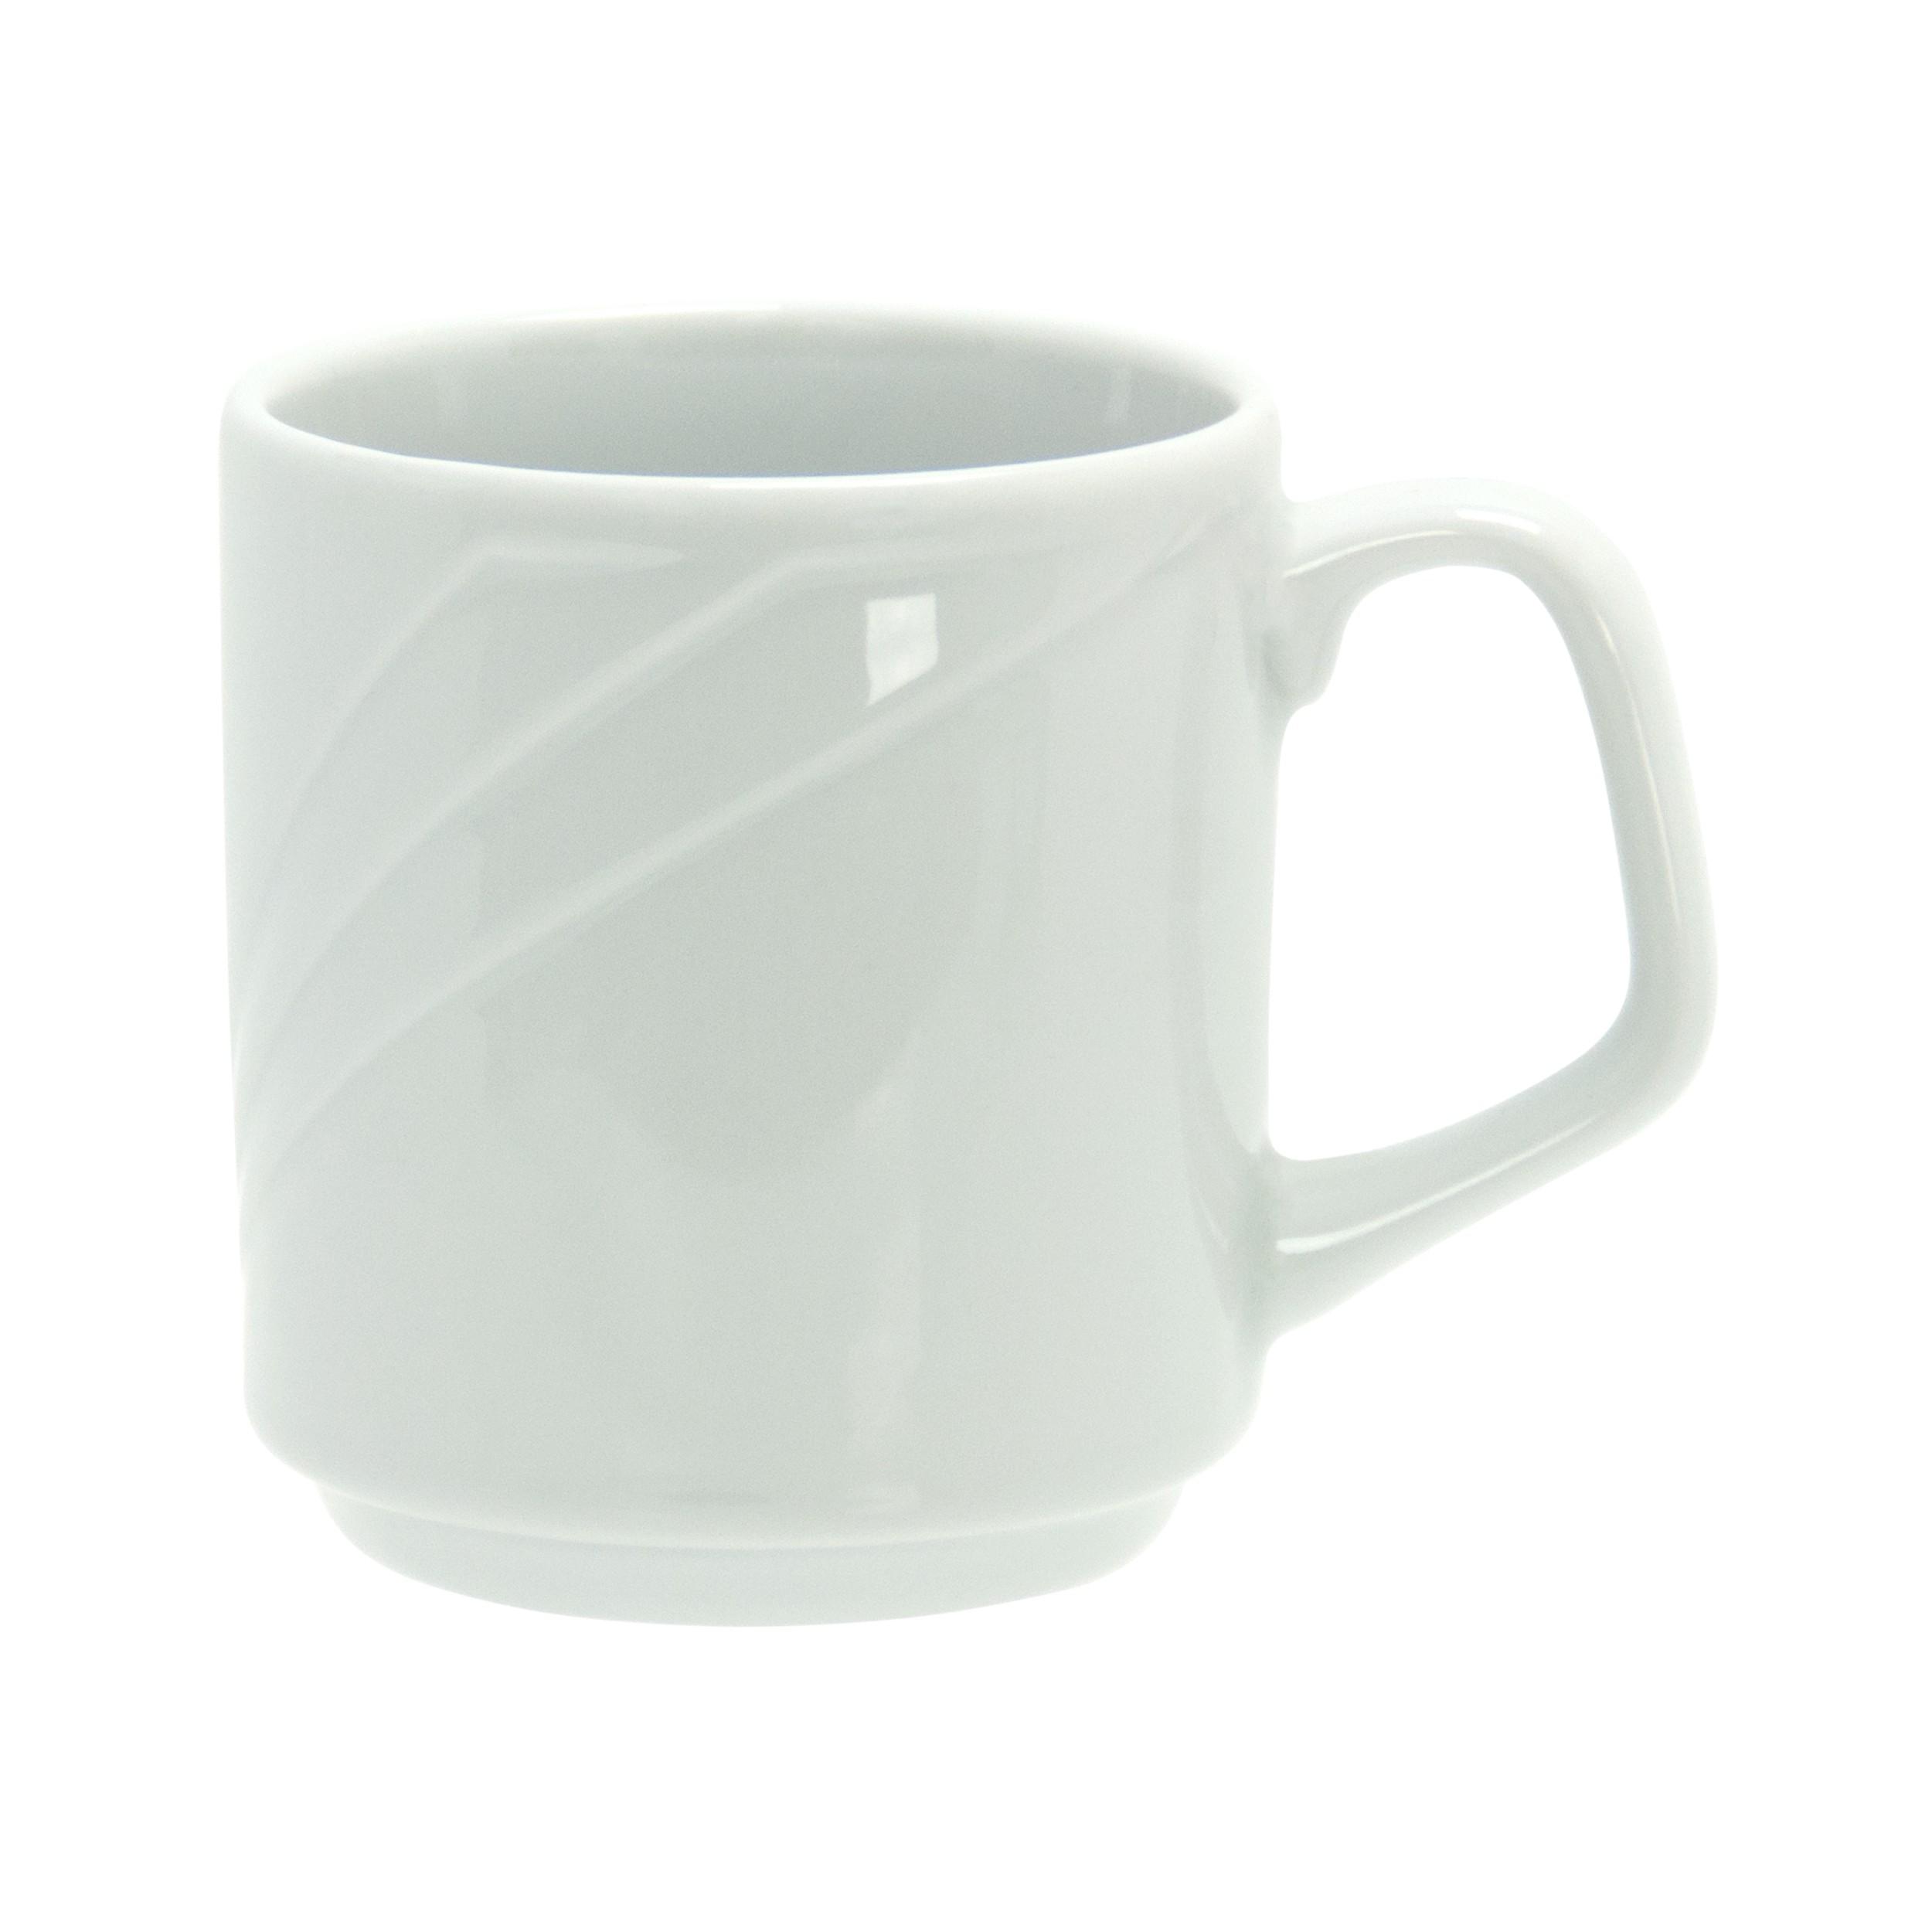 kaffeebecher 0 3l serie arcadia porzellan tassen und becher. Black Bedroom Furniture Sets. Home Design Ideas